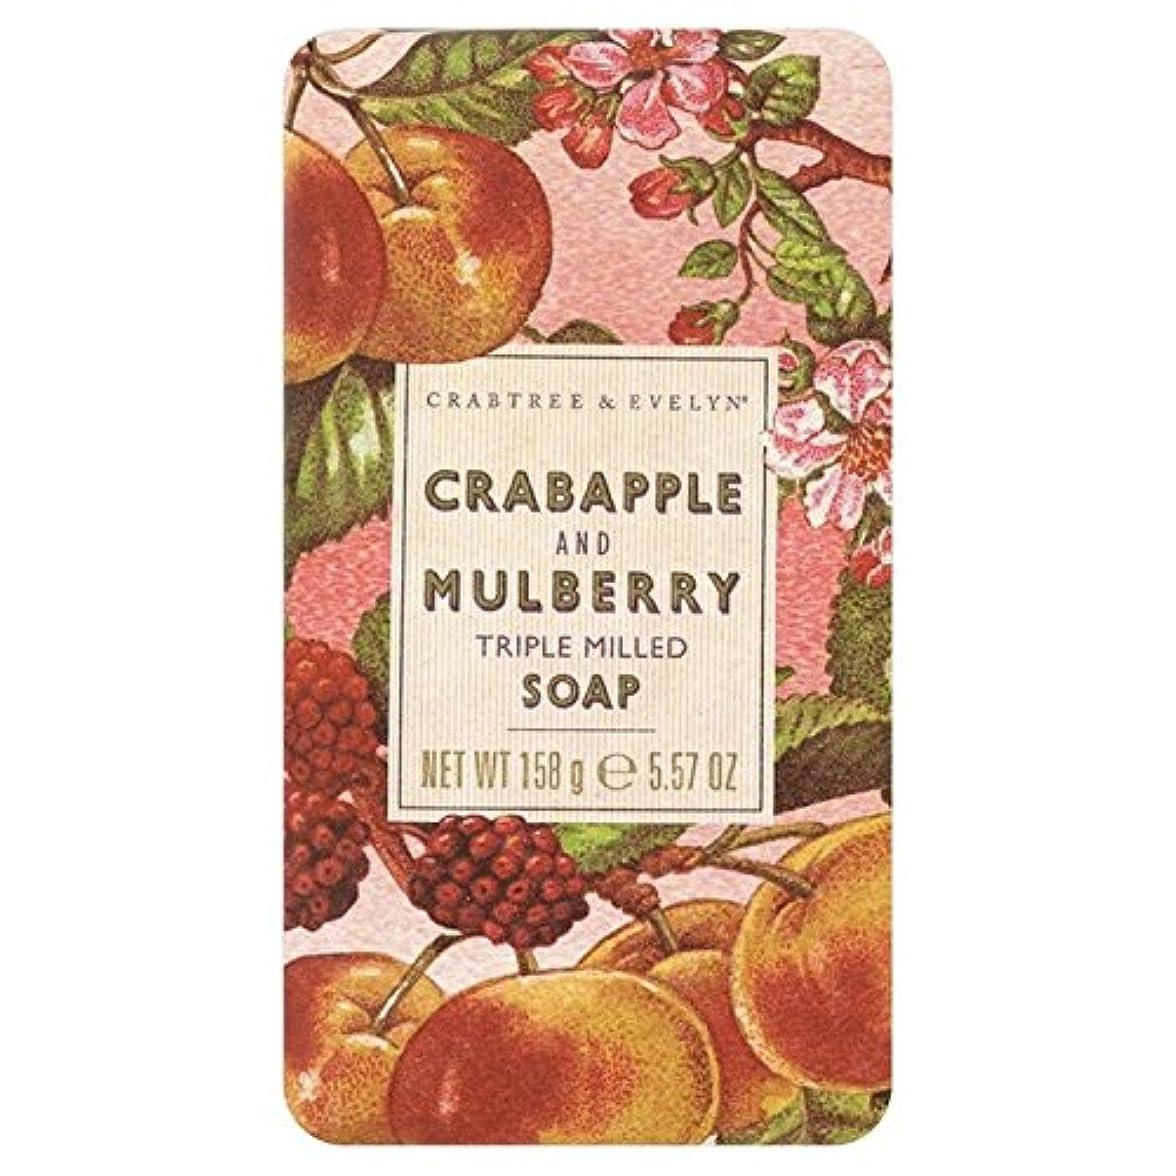 織るりんご変装Crabtree & Evelyn Crabapple and Mulberry Heritage Soap 150g - クラブツリー&イヴリンと桑遺産石鹸150グラム [並行輸入品]